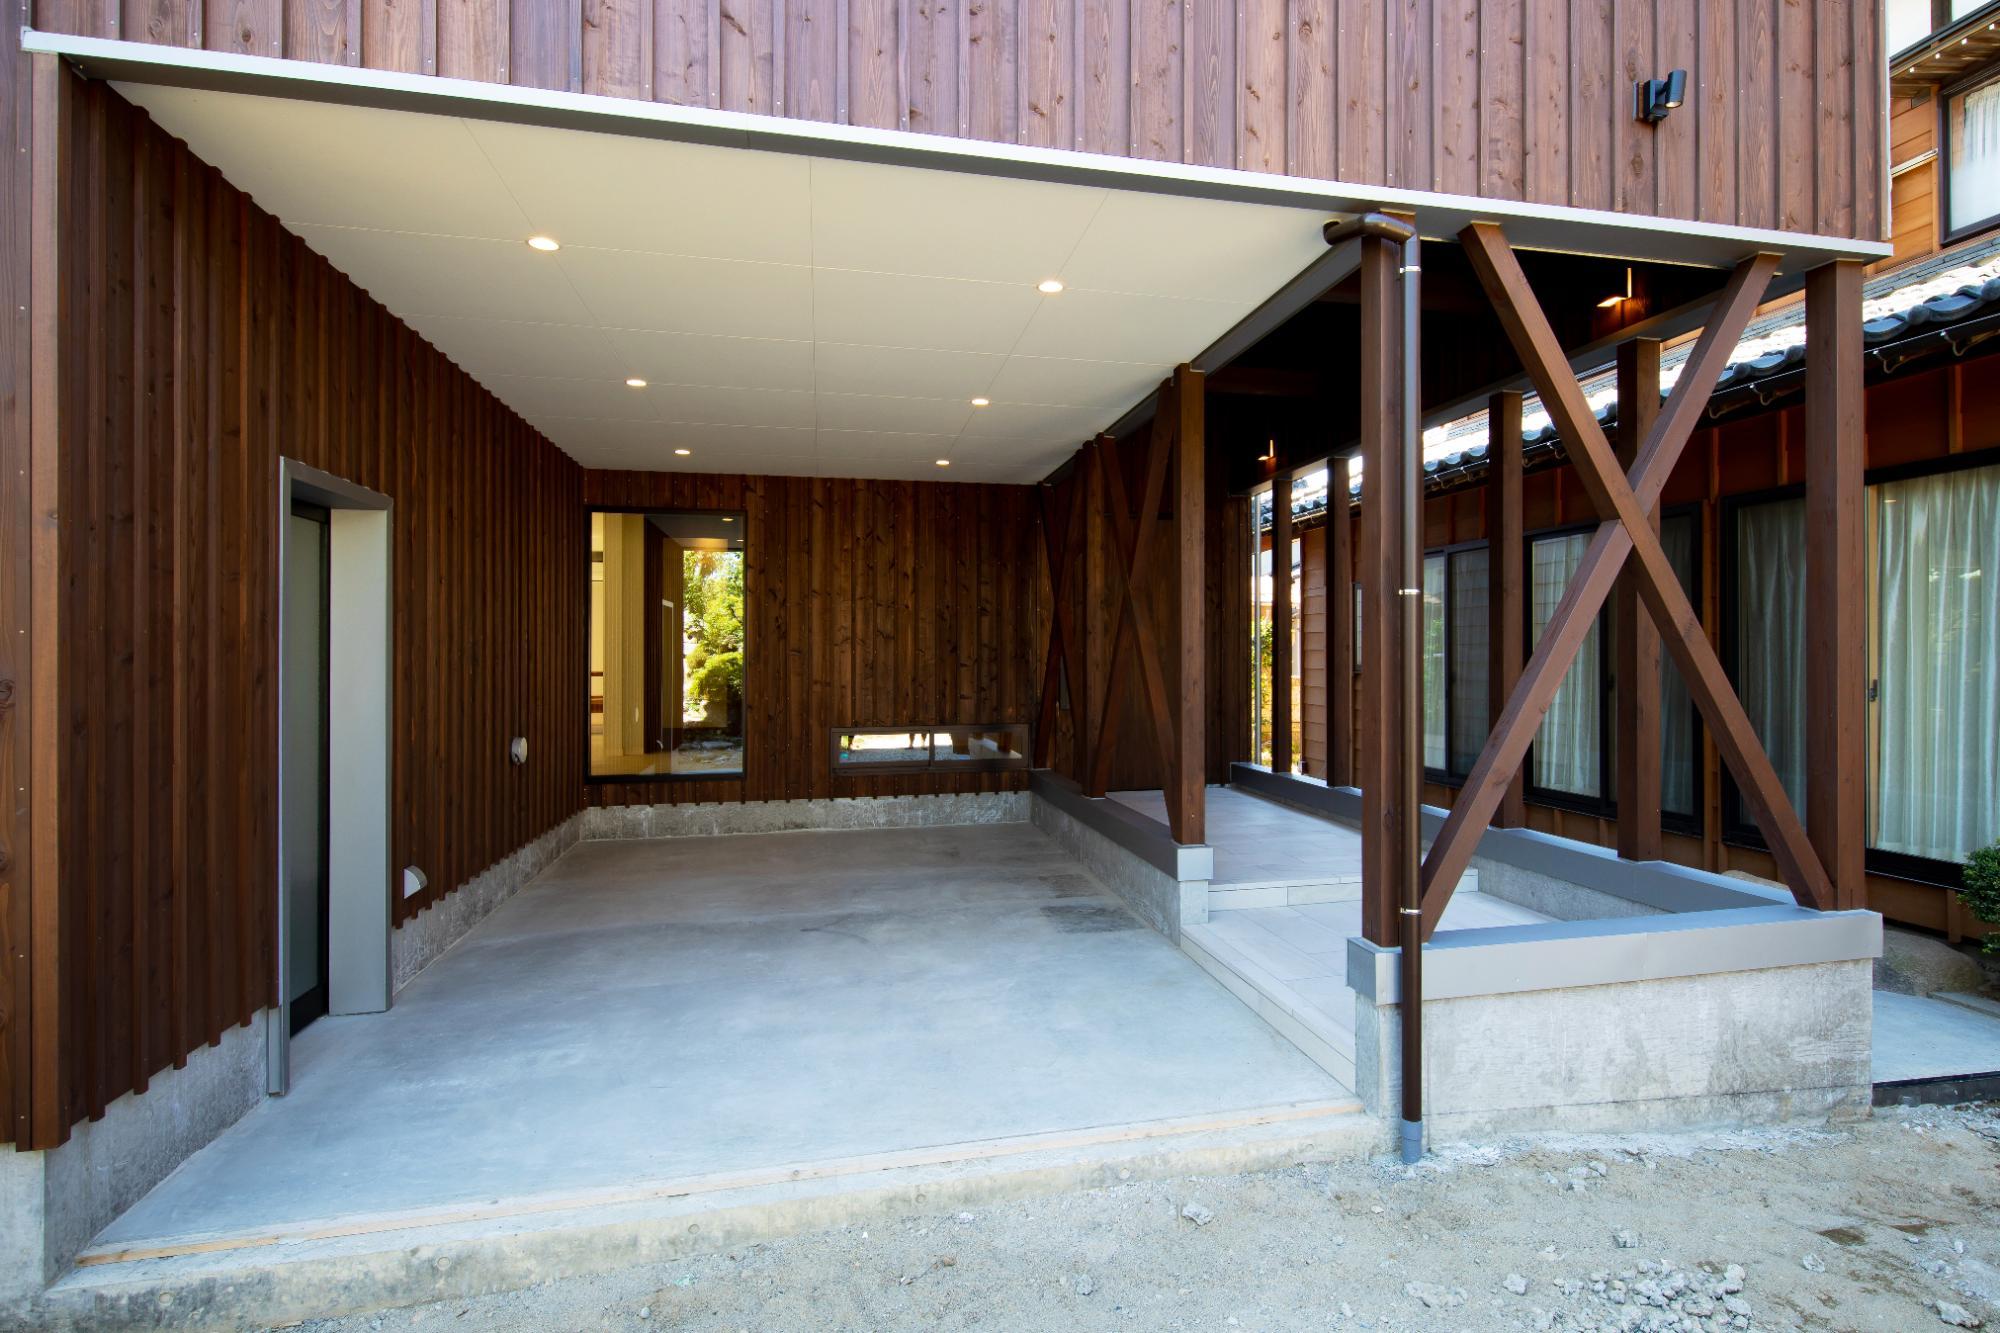 住み継げる住まいの提案 archi laboコンセプトハウスの写真3